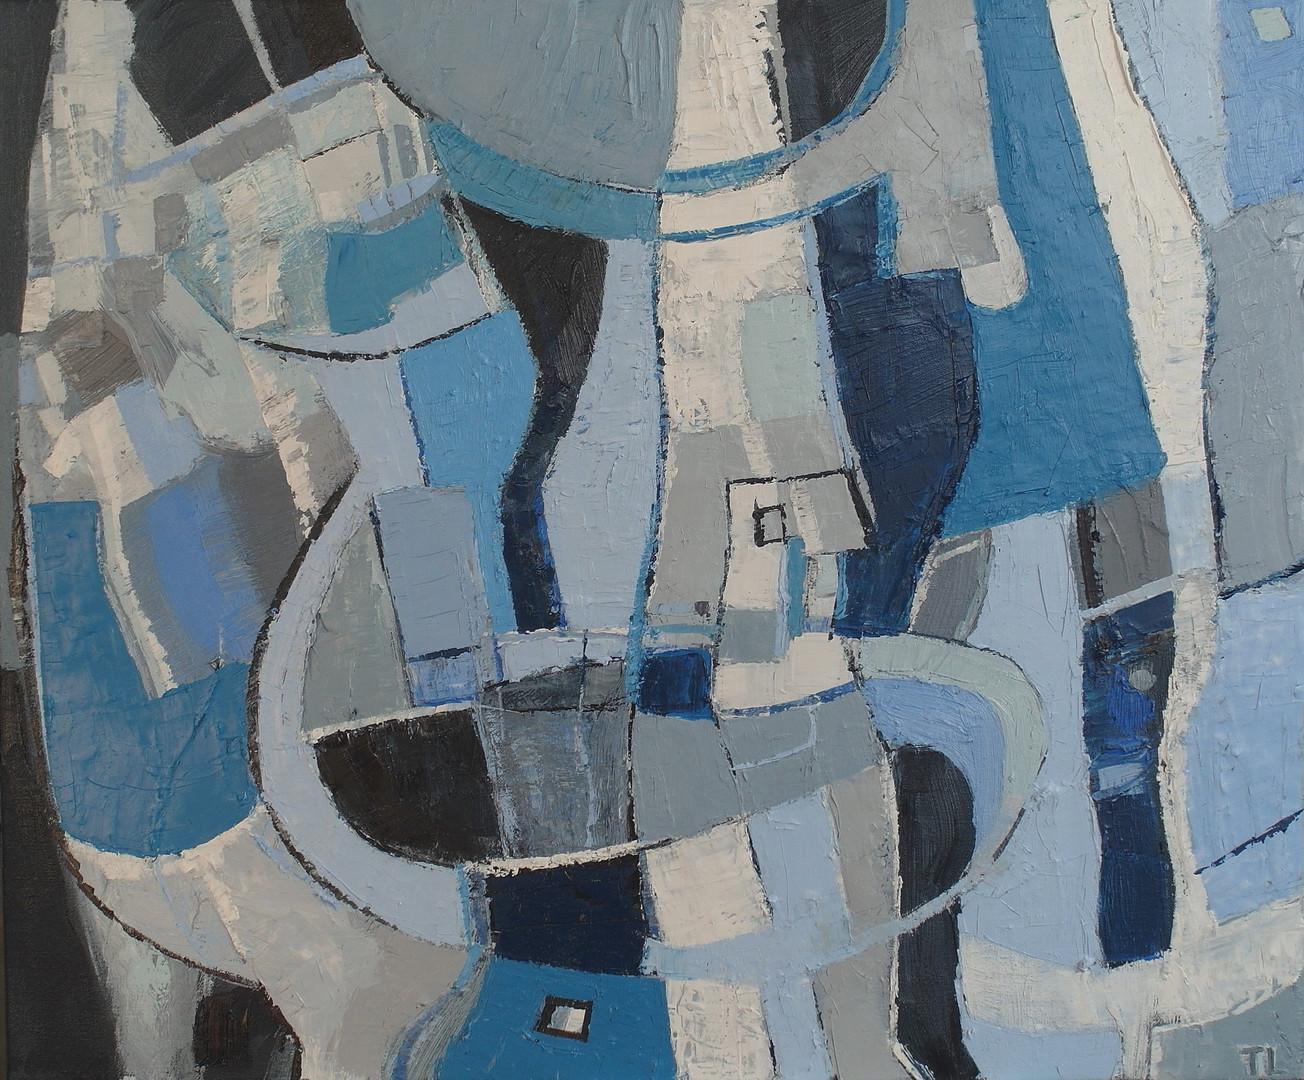 Santorini Grey Blue